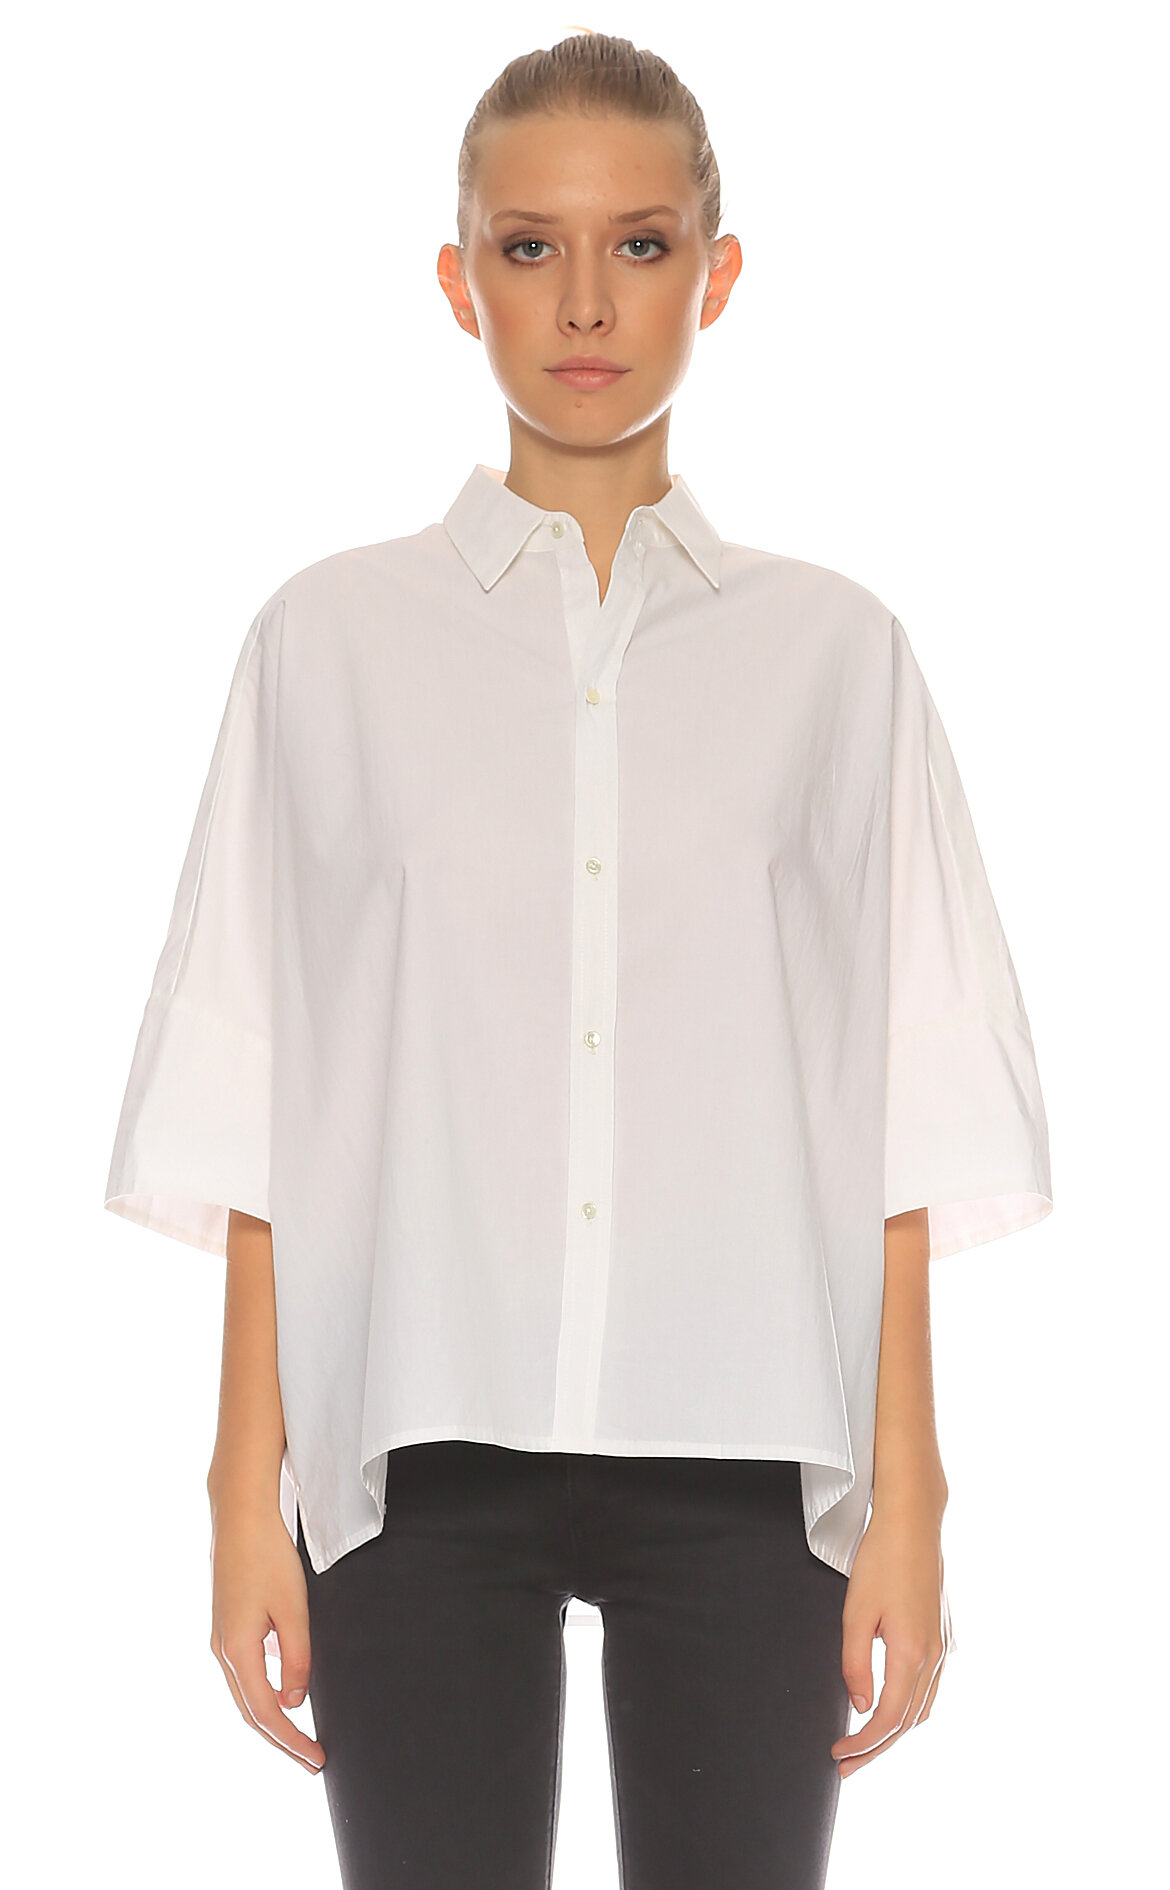 Nili Lotan-Nili Lotan Truvakar Kollu Beyaz Gömlek